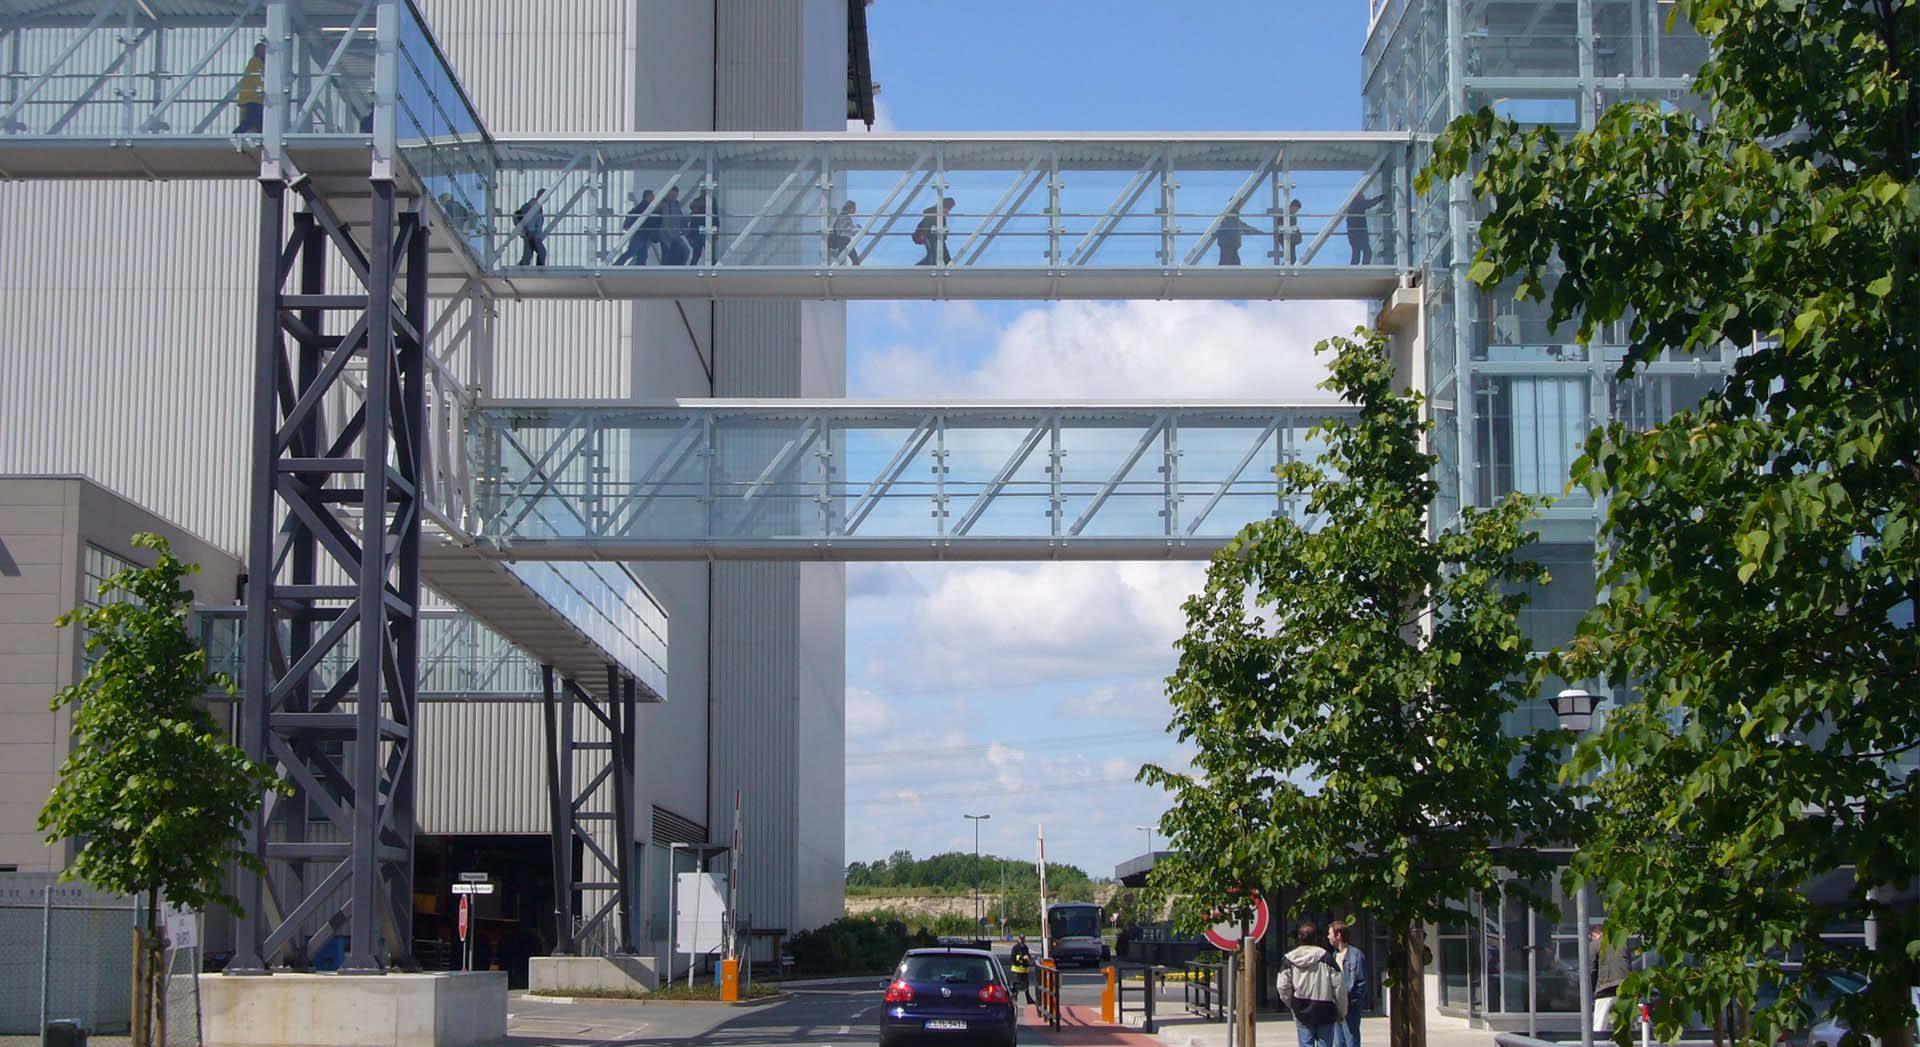 Gewerbearchitektur; Industriearchitektur; Meyer Werft Besucherzentrum; Museum; Gestaltung; Design; Lichtkonzept; Brücke verglast; Turm verglast; Glasturm; Pförtner; Meyer Werft Tor 1;